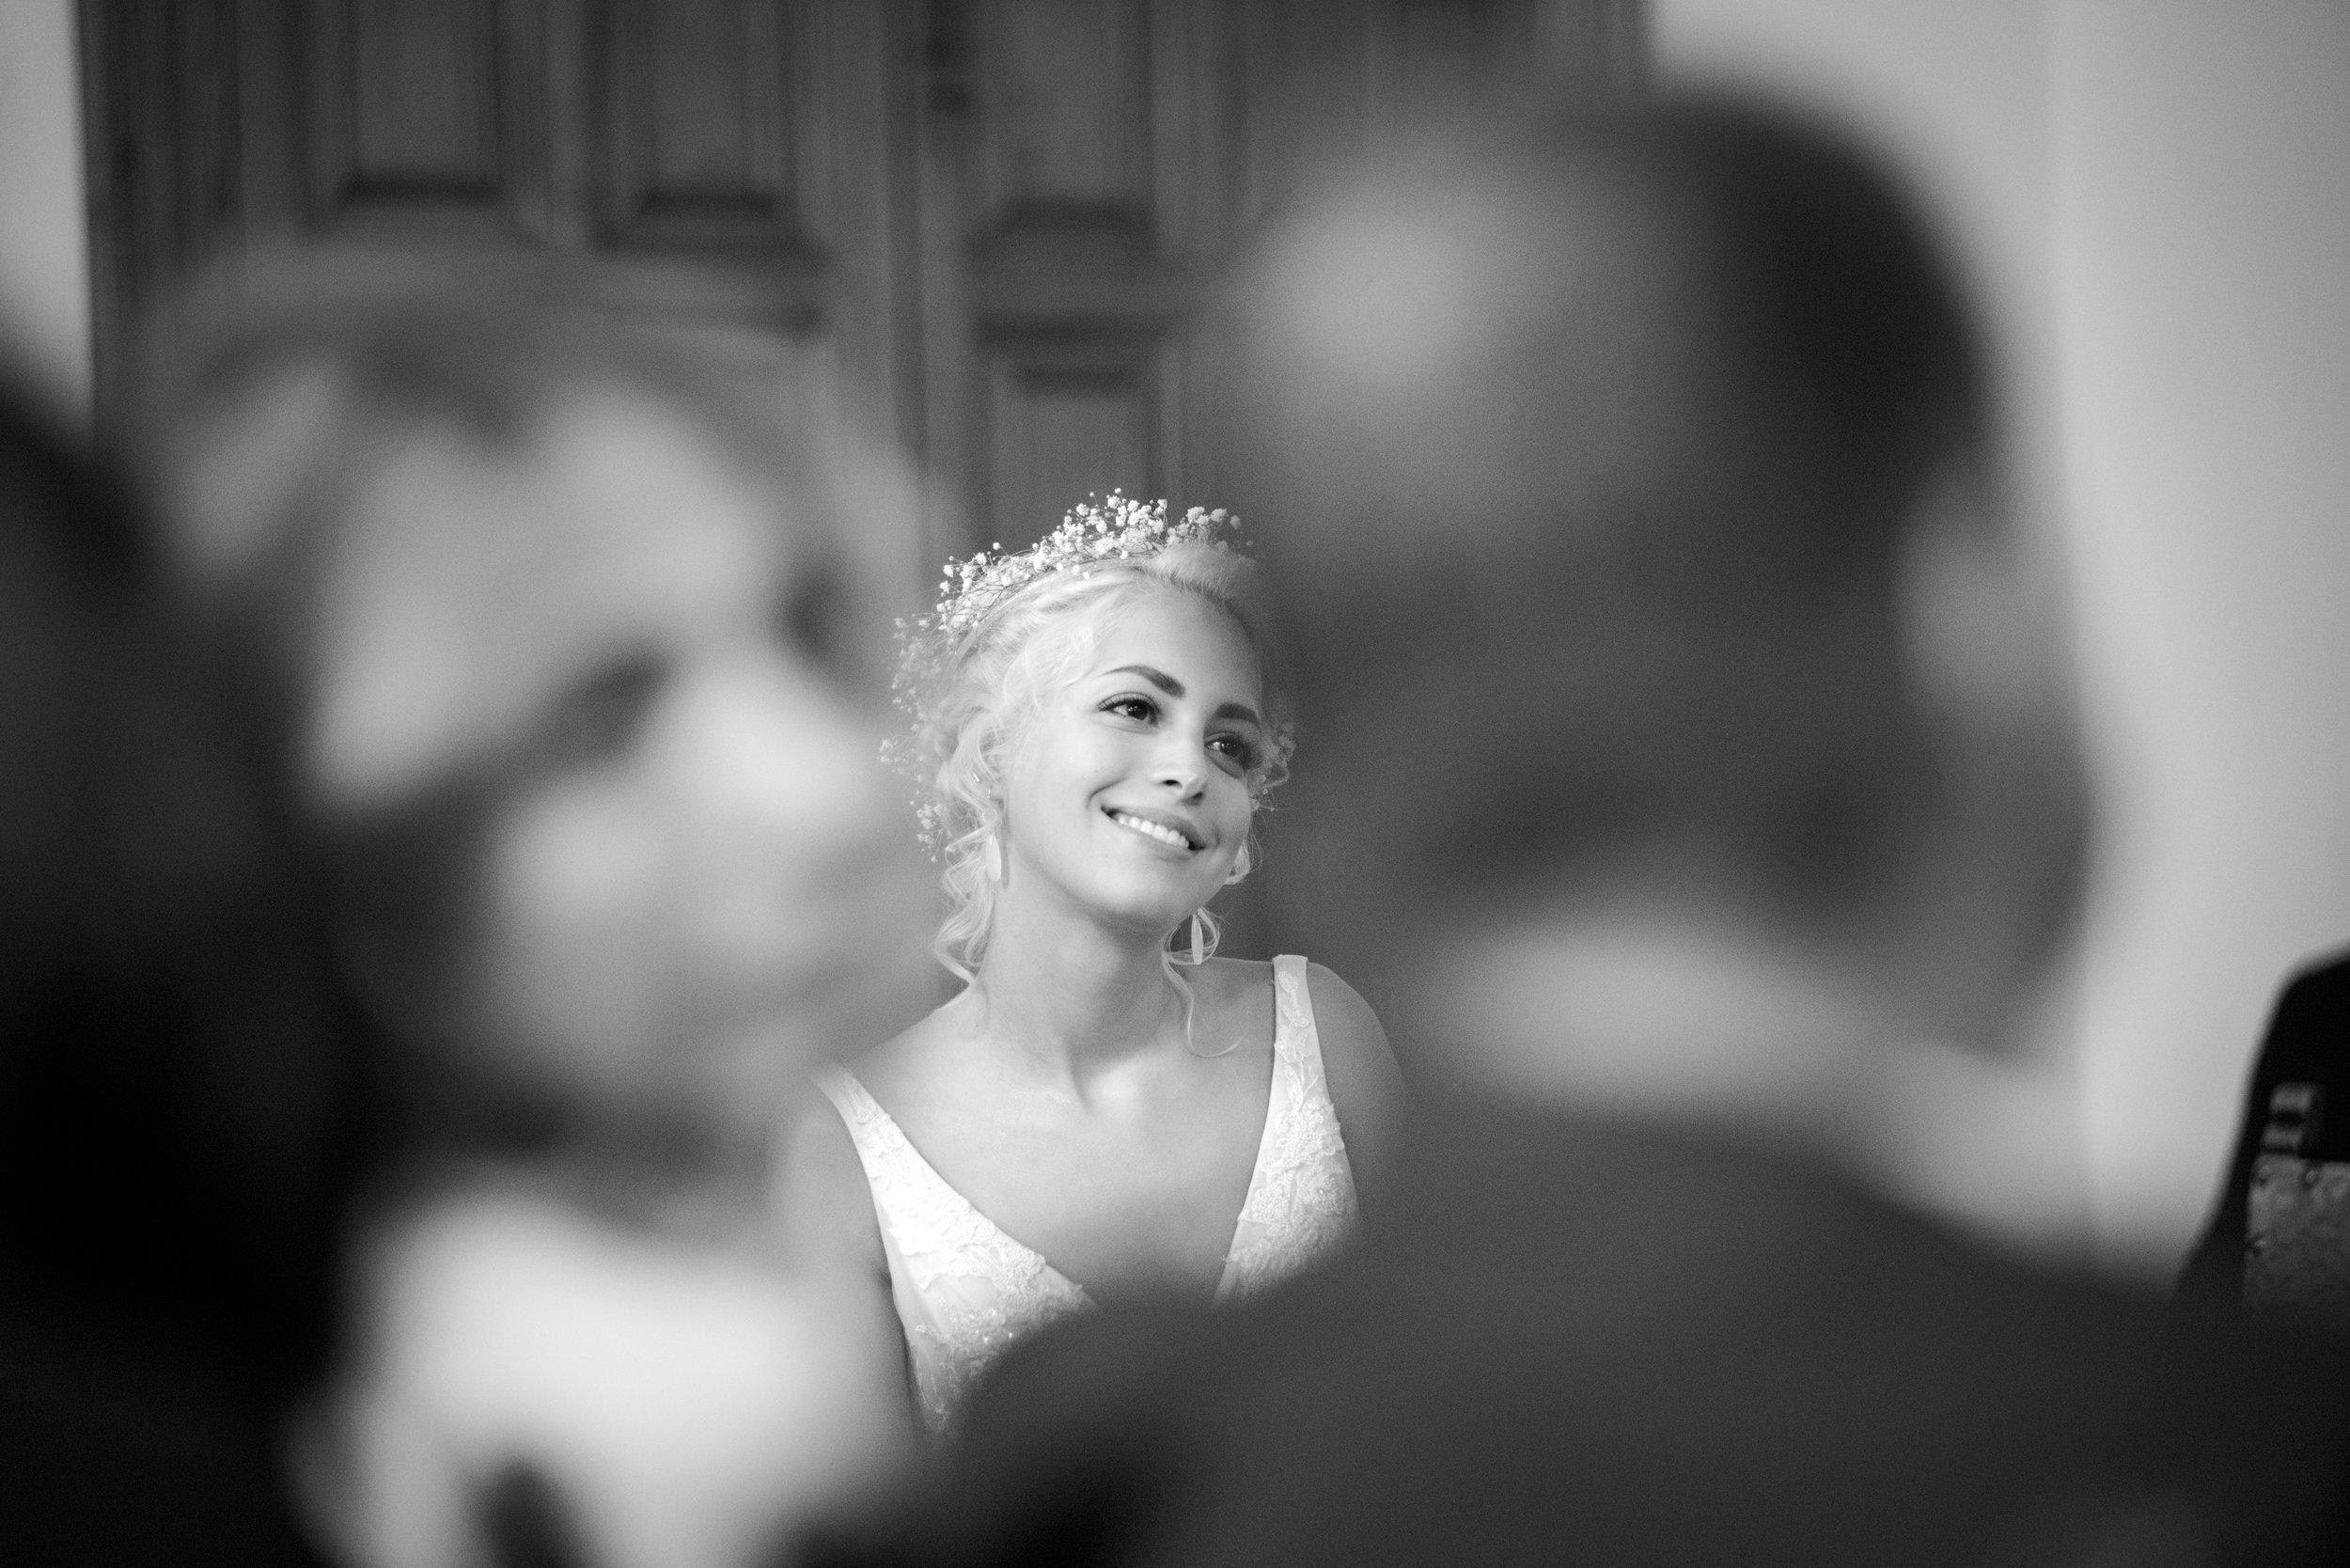 Wedding_Ceren_Bas_2016-10-22_15h44m50s_2_109.jpg